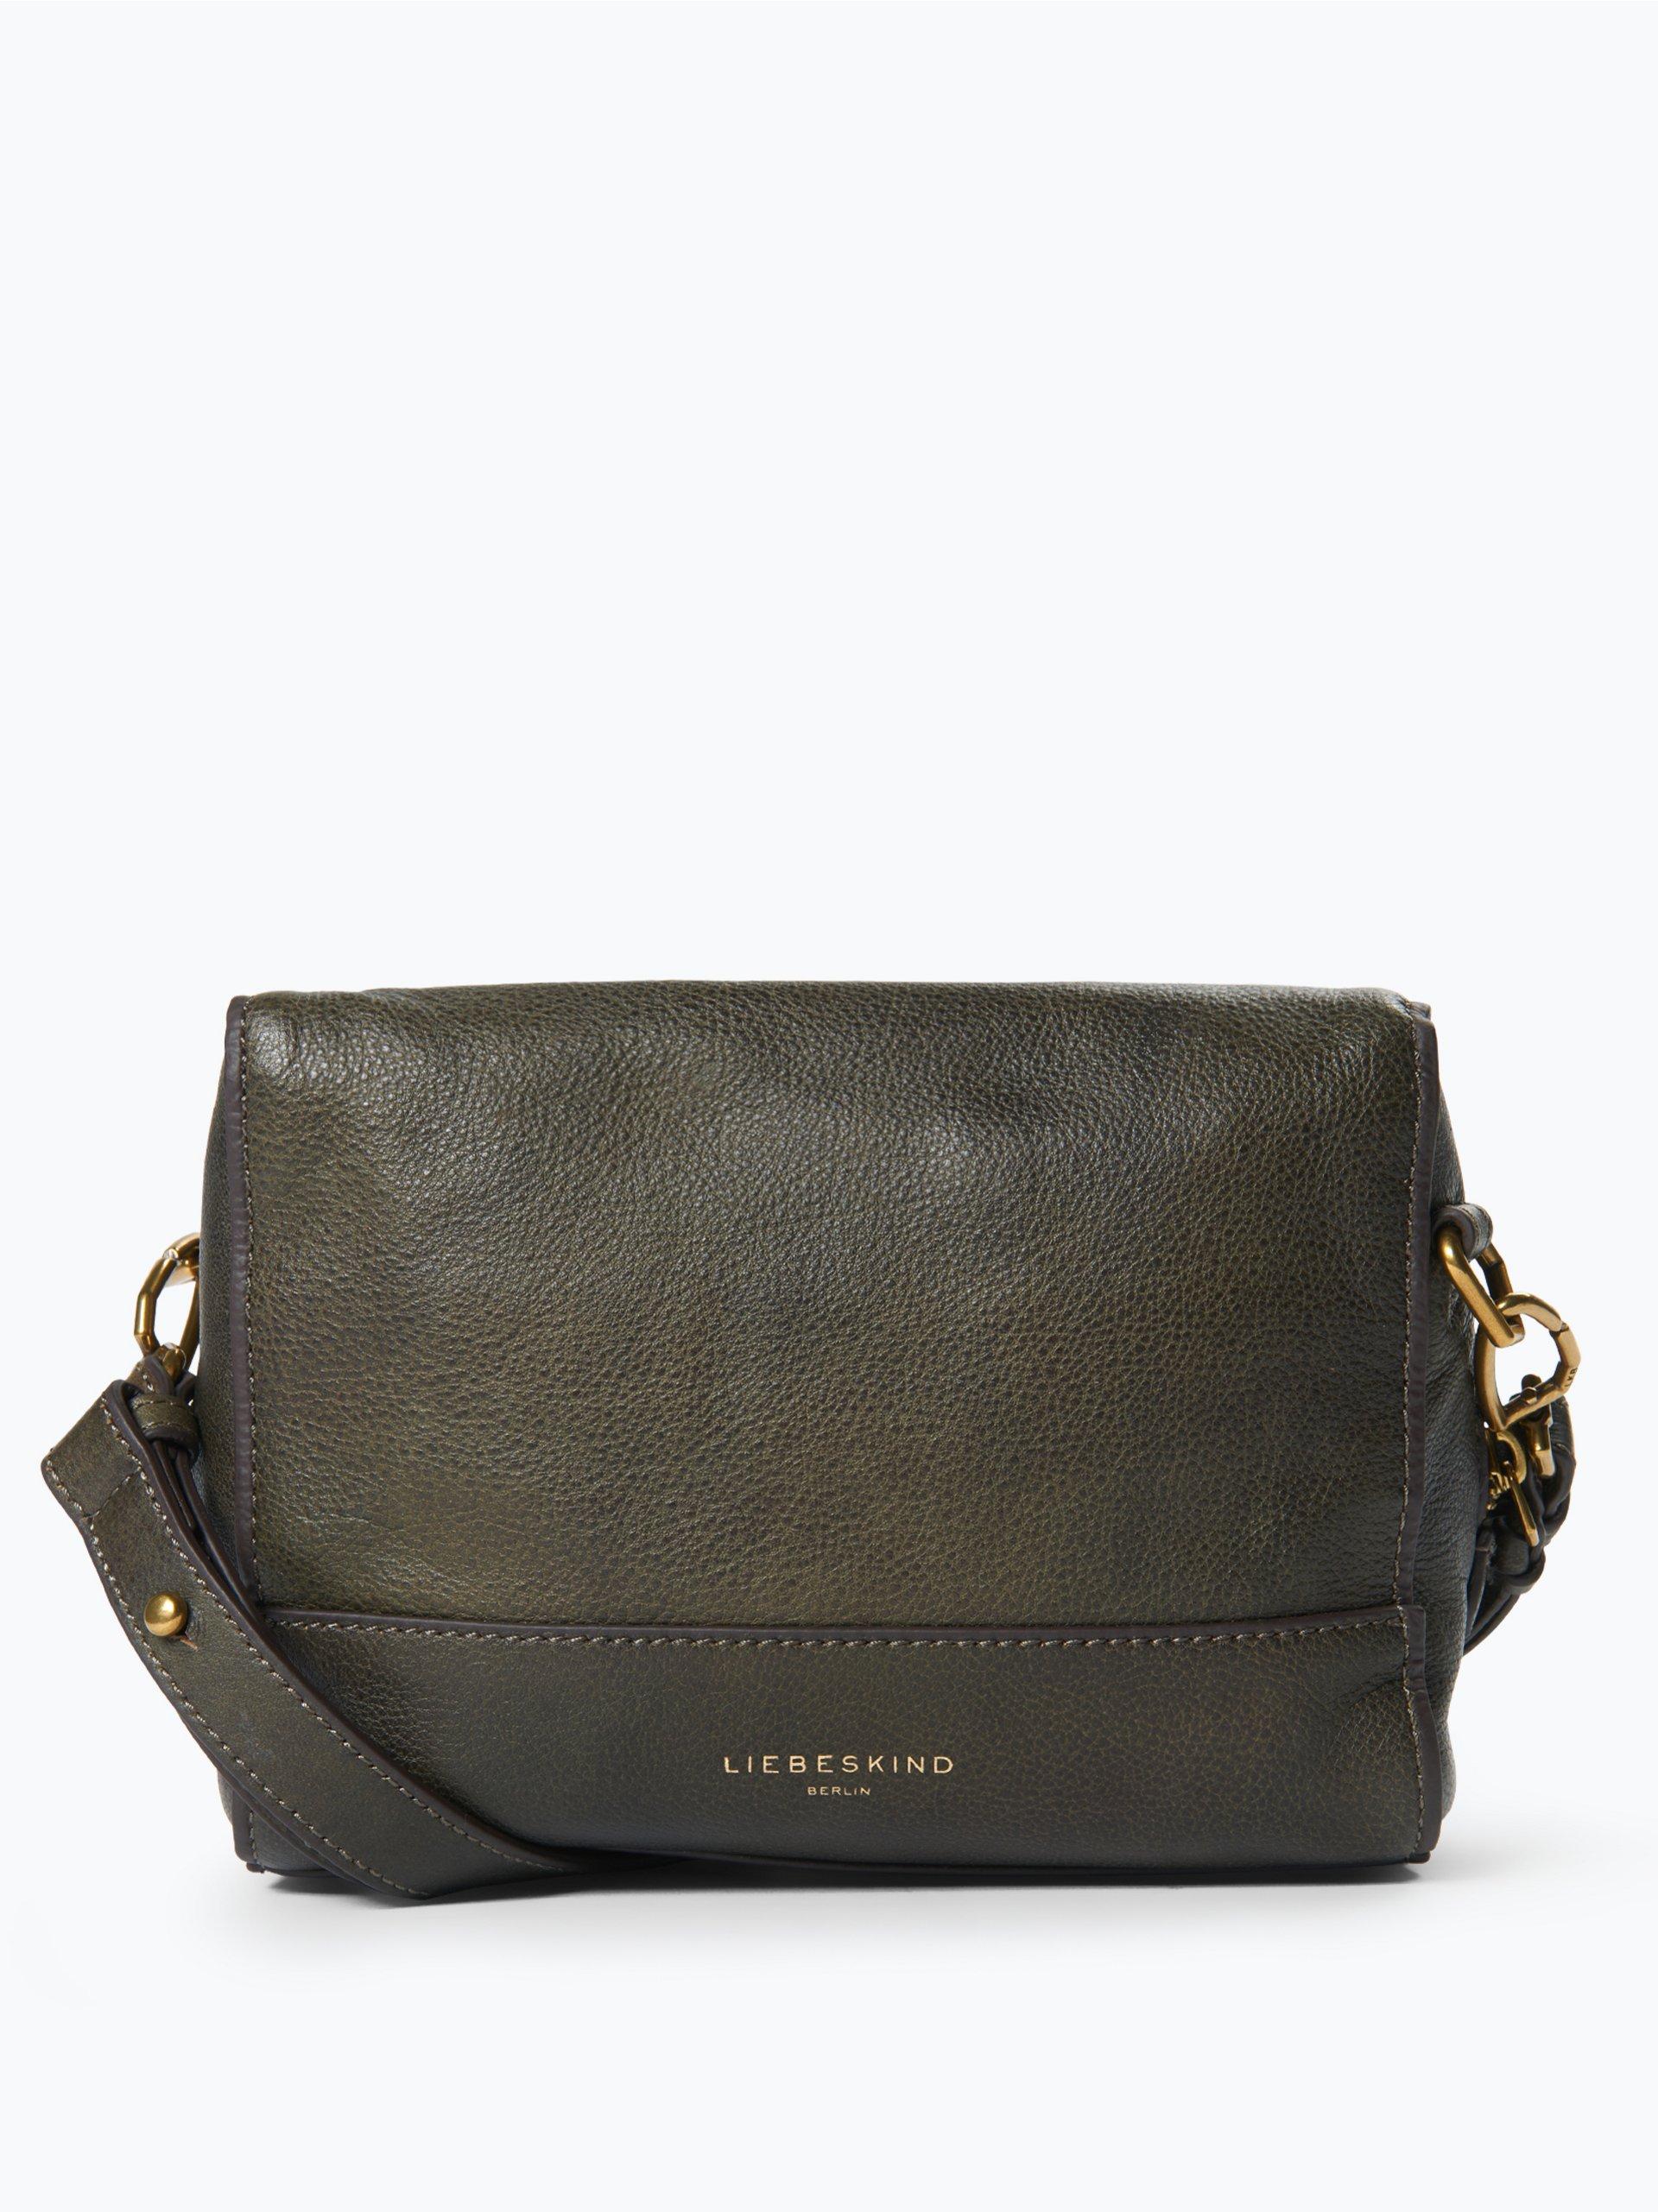 liebeskind damen handtasche aus leder syracuse oliv uni. Black Bedroom Furniture Sets. Home Design Ideas